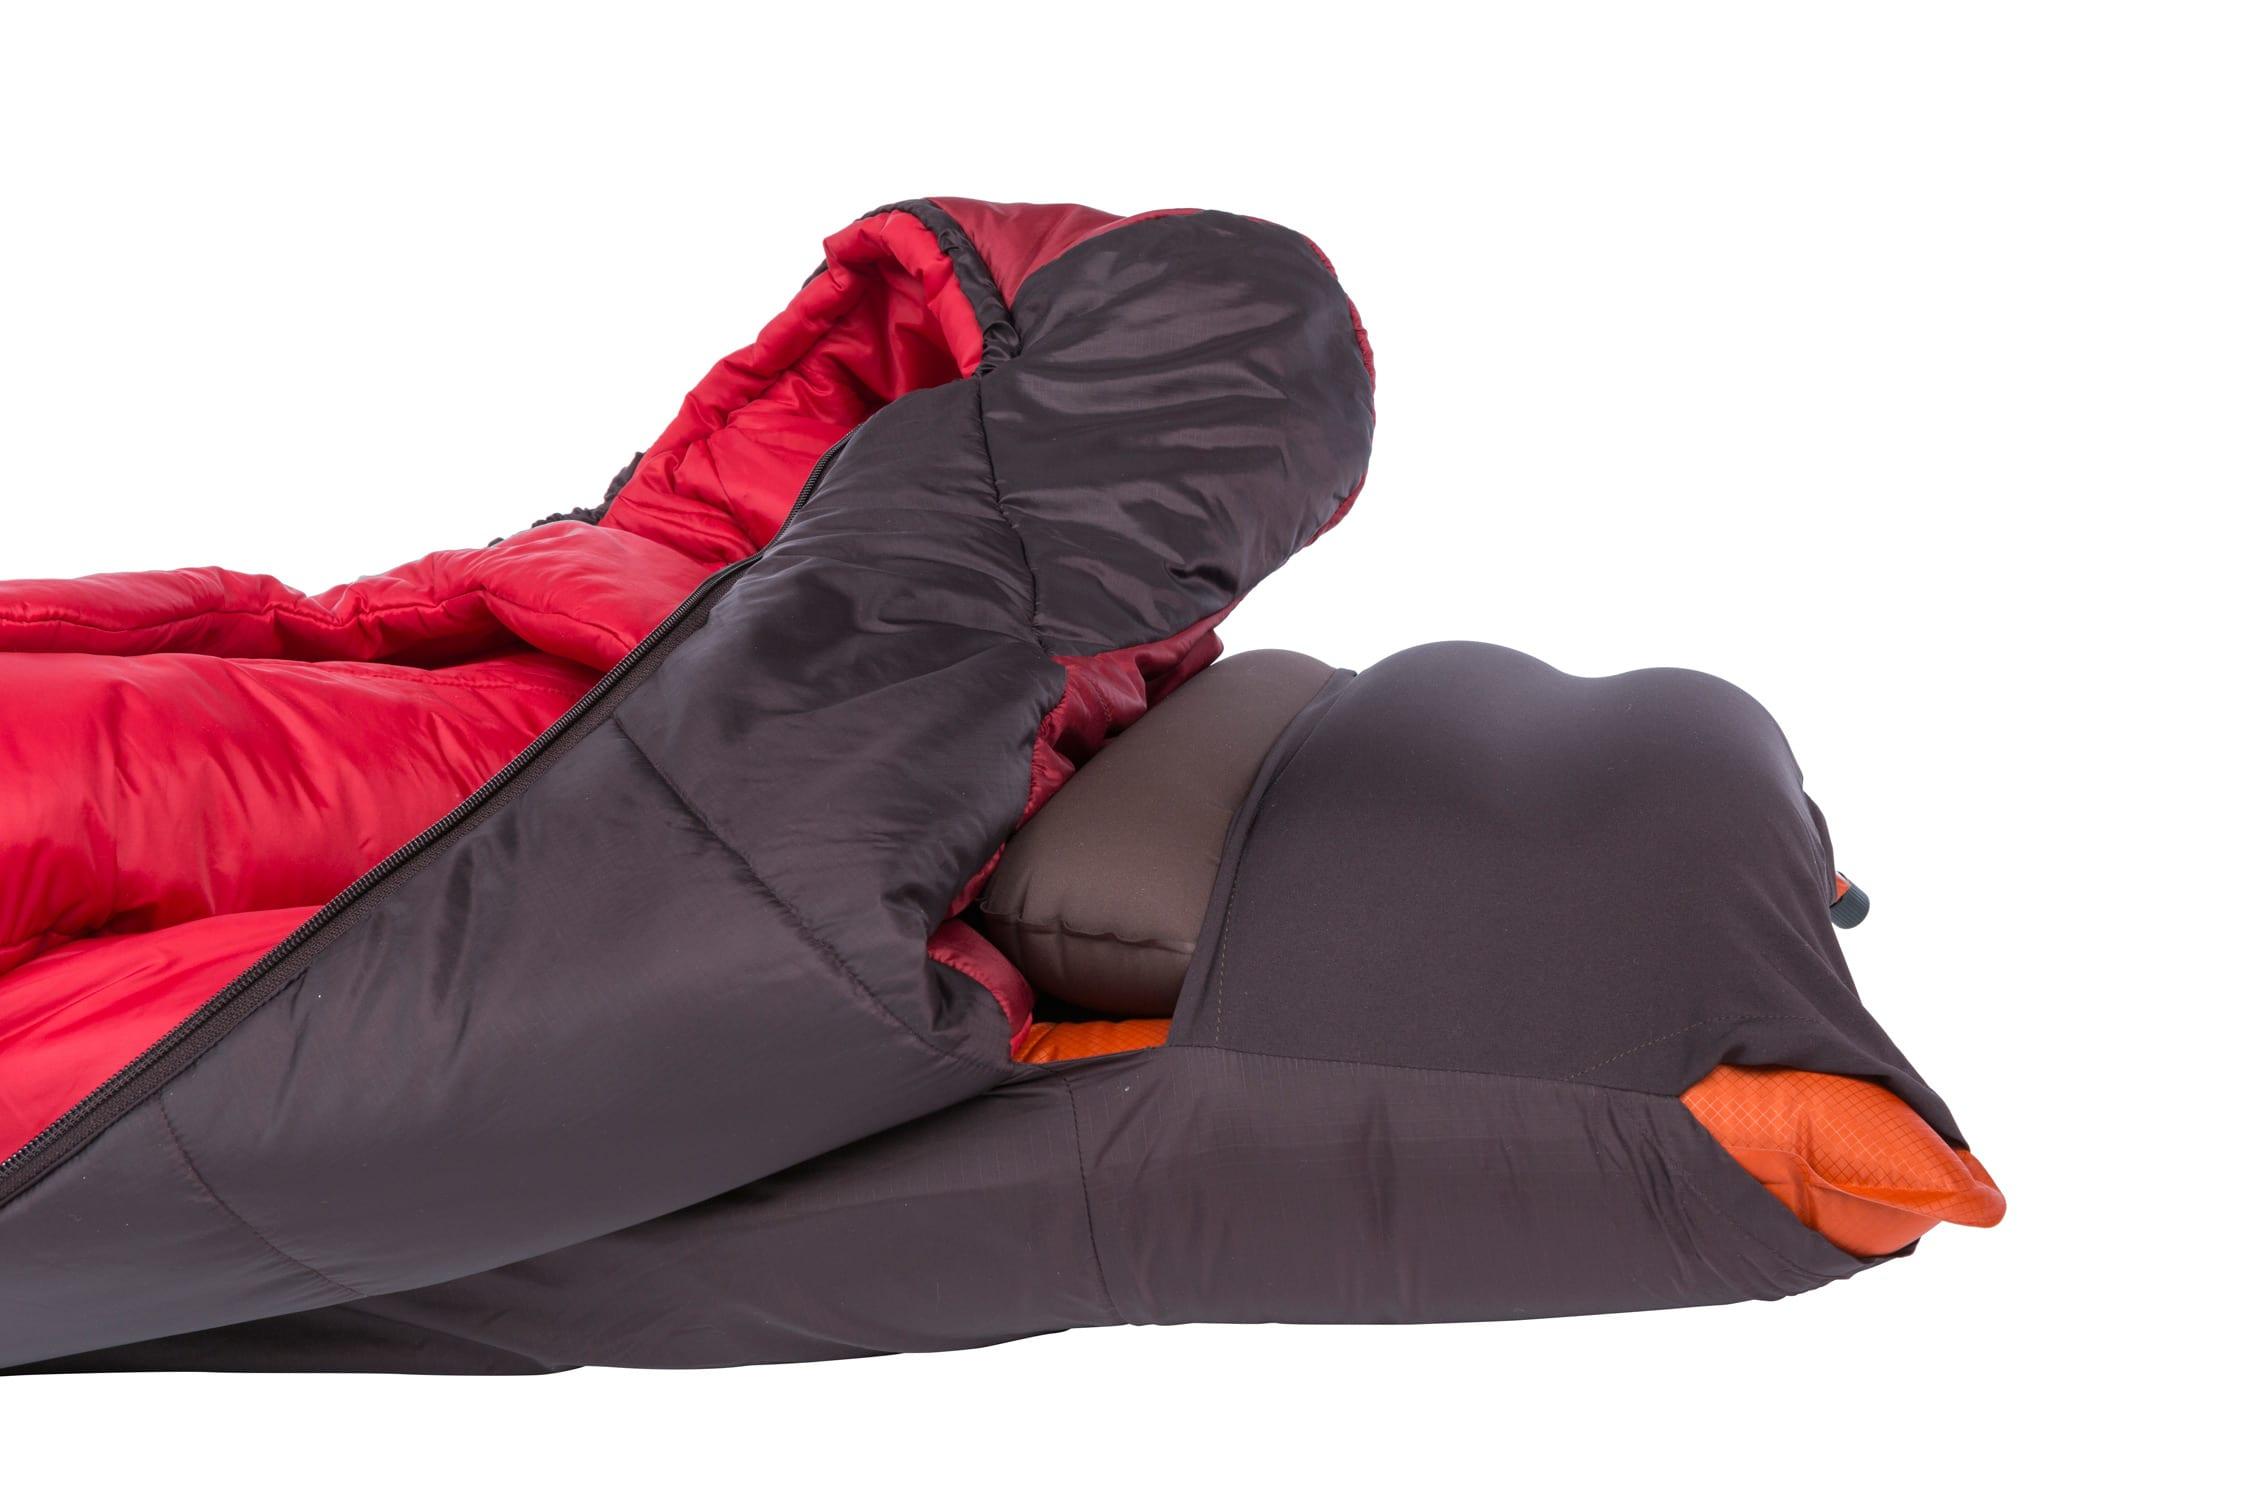 Big Agnes Encampment 15 Sleeping Bag